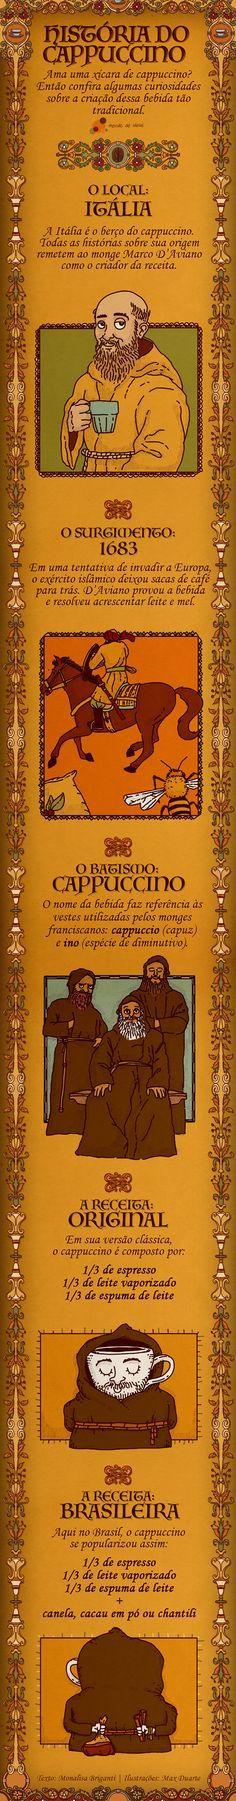 Você conhece a história do cappuccino? Veja quais são as origens dessa deliciosa receita em um infográfico especial.